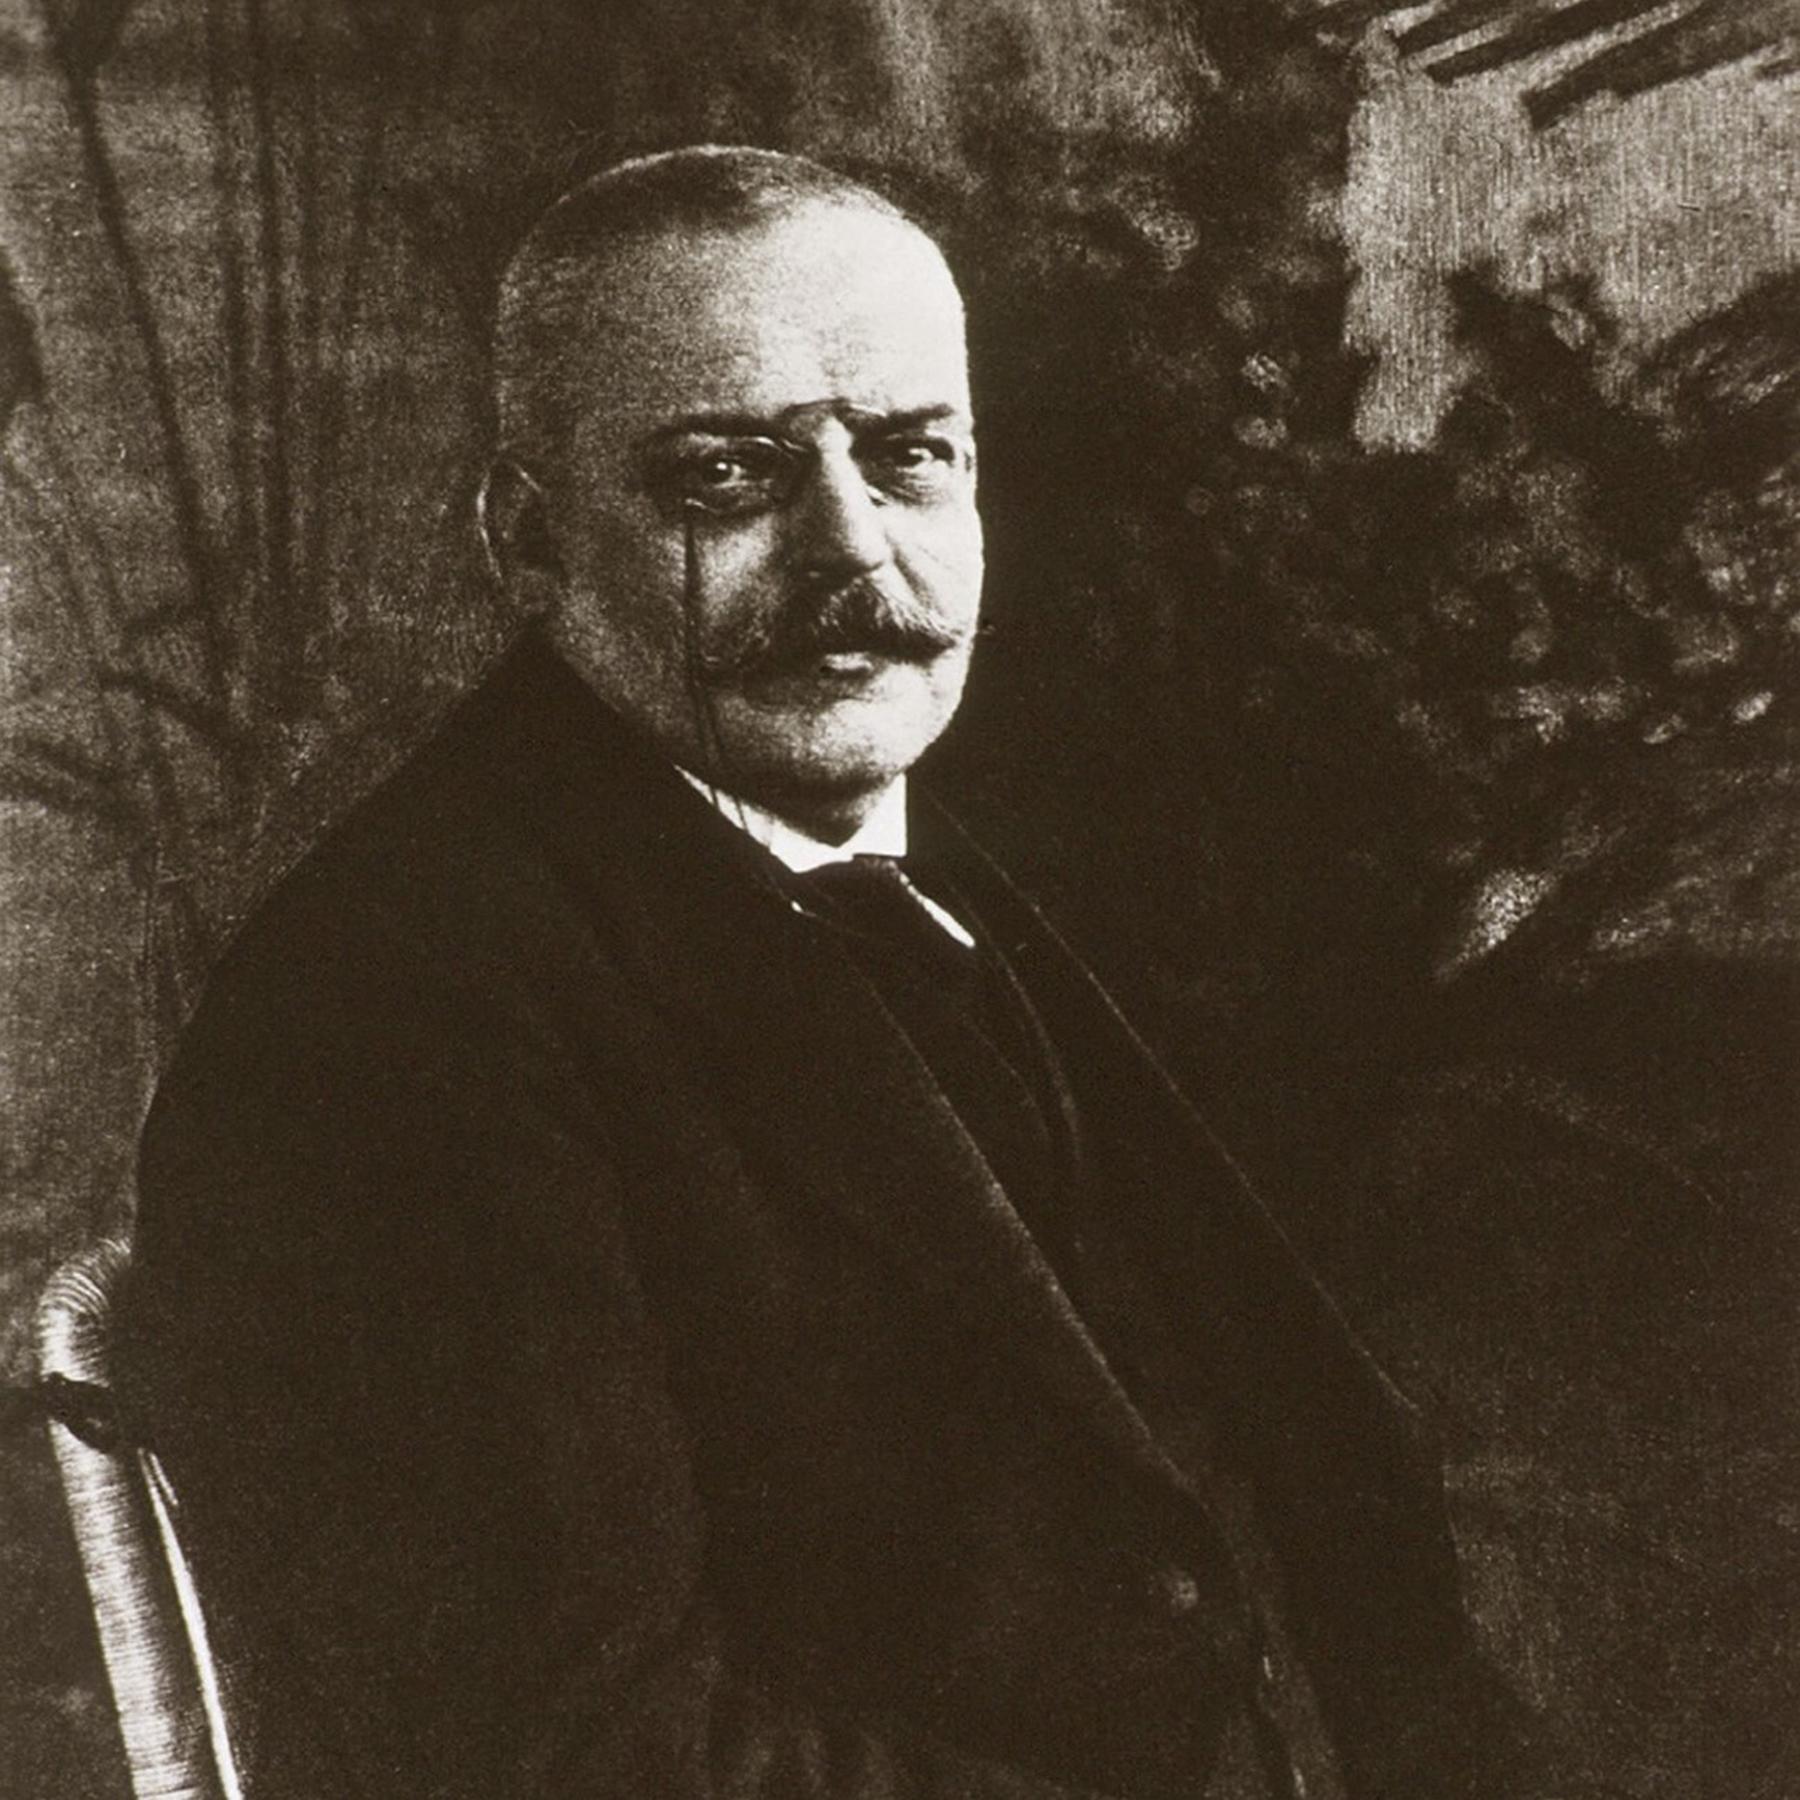 Alois Alzheimer - Nervenarzt mit Mikroskop